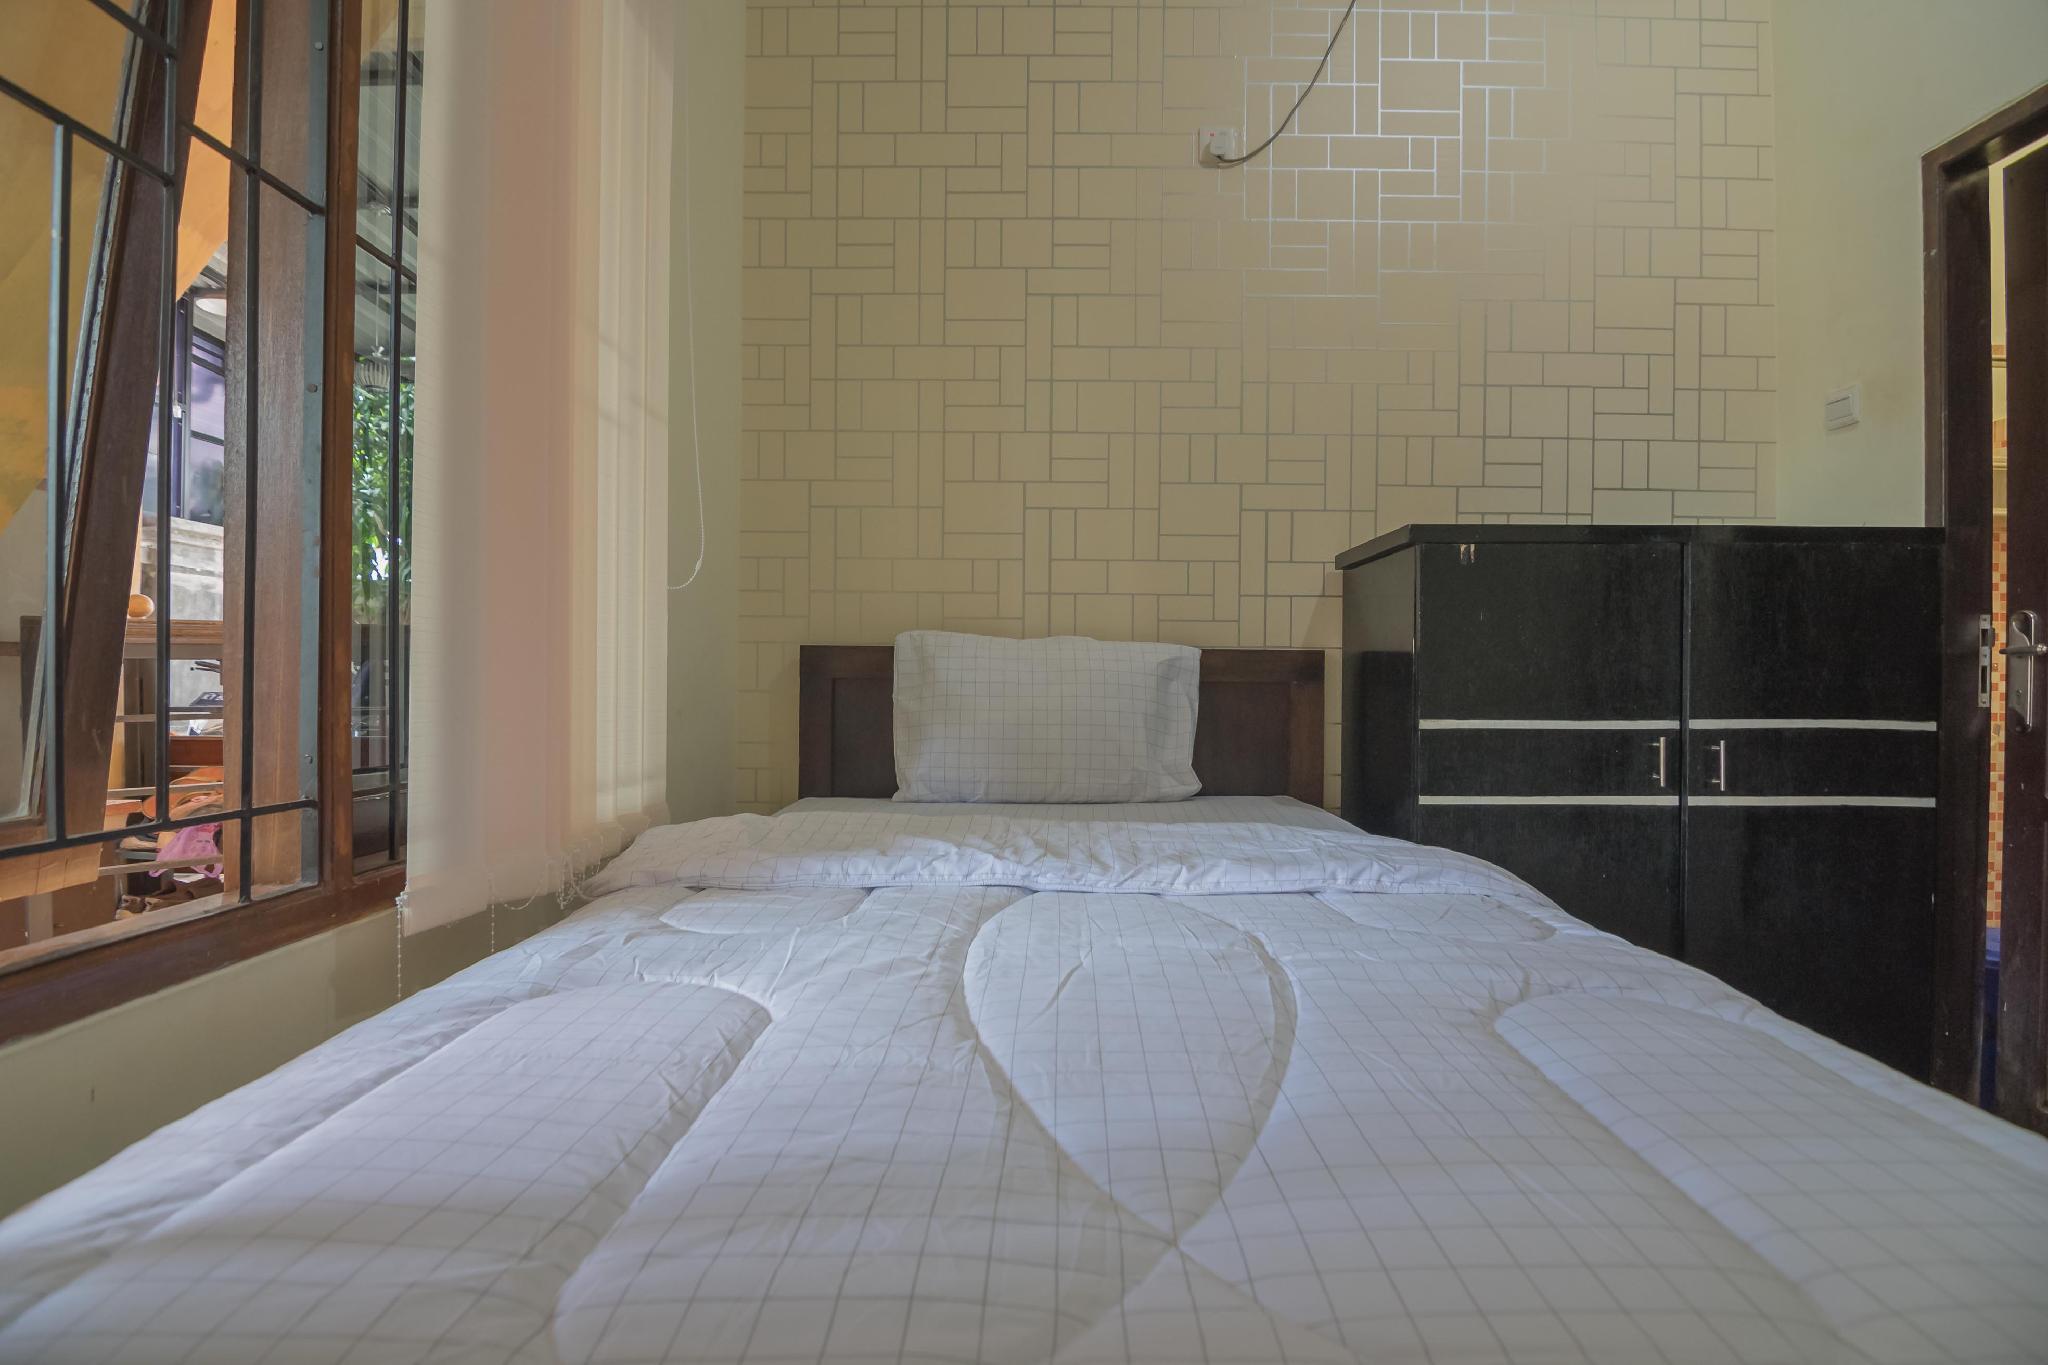 Guesthouse Syariah Sepinggan Baru, Balikpapan